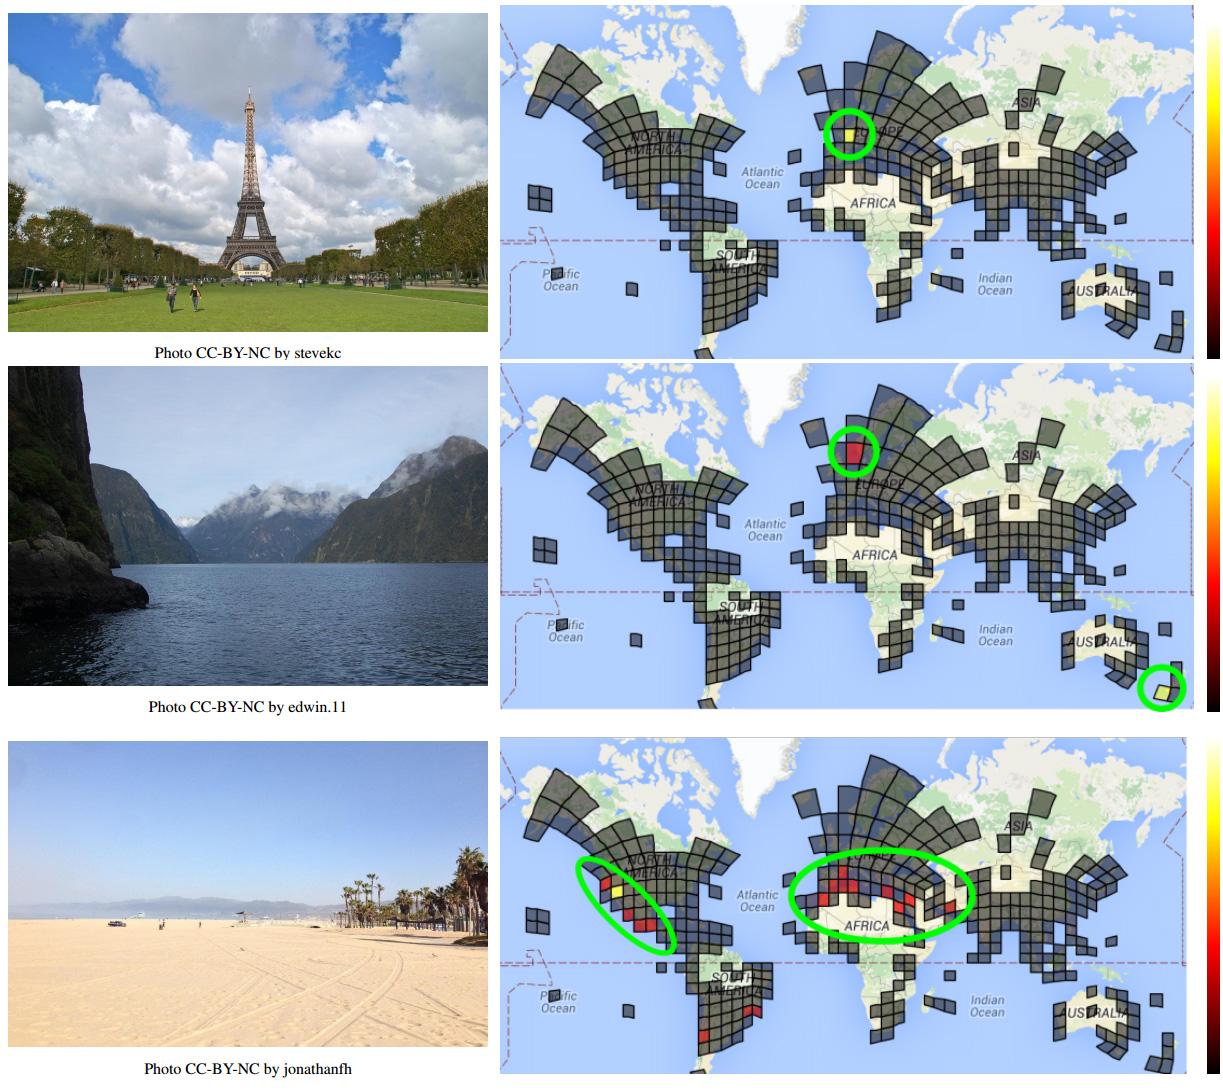 http://www.numerama.com/tech/148564-google-commence-a-deviner-la-localisation-dune-photo-sans-donnees-exif.html